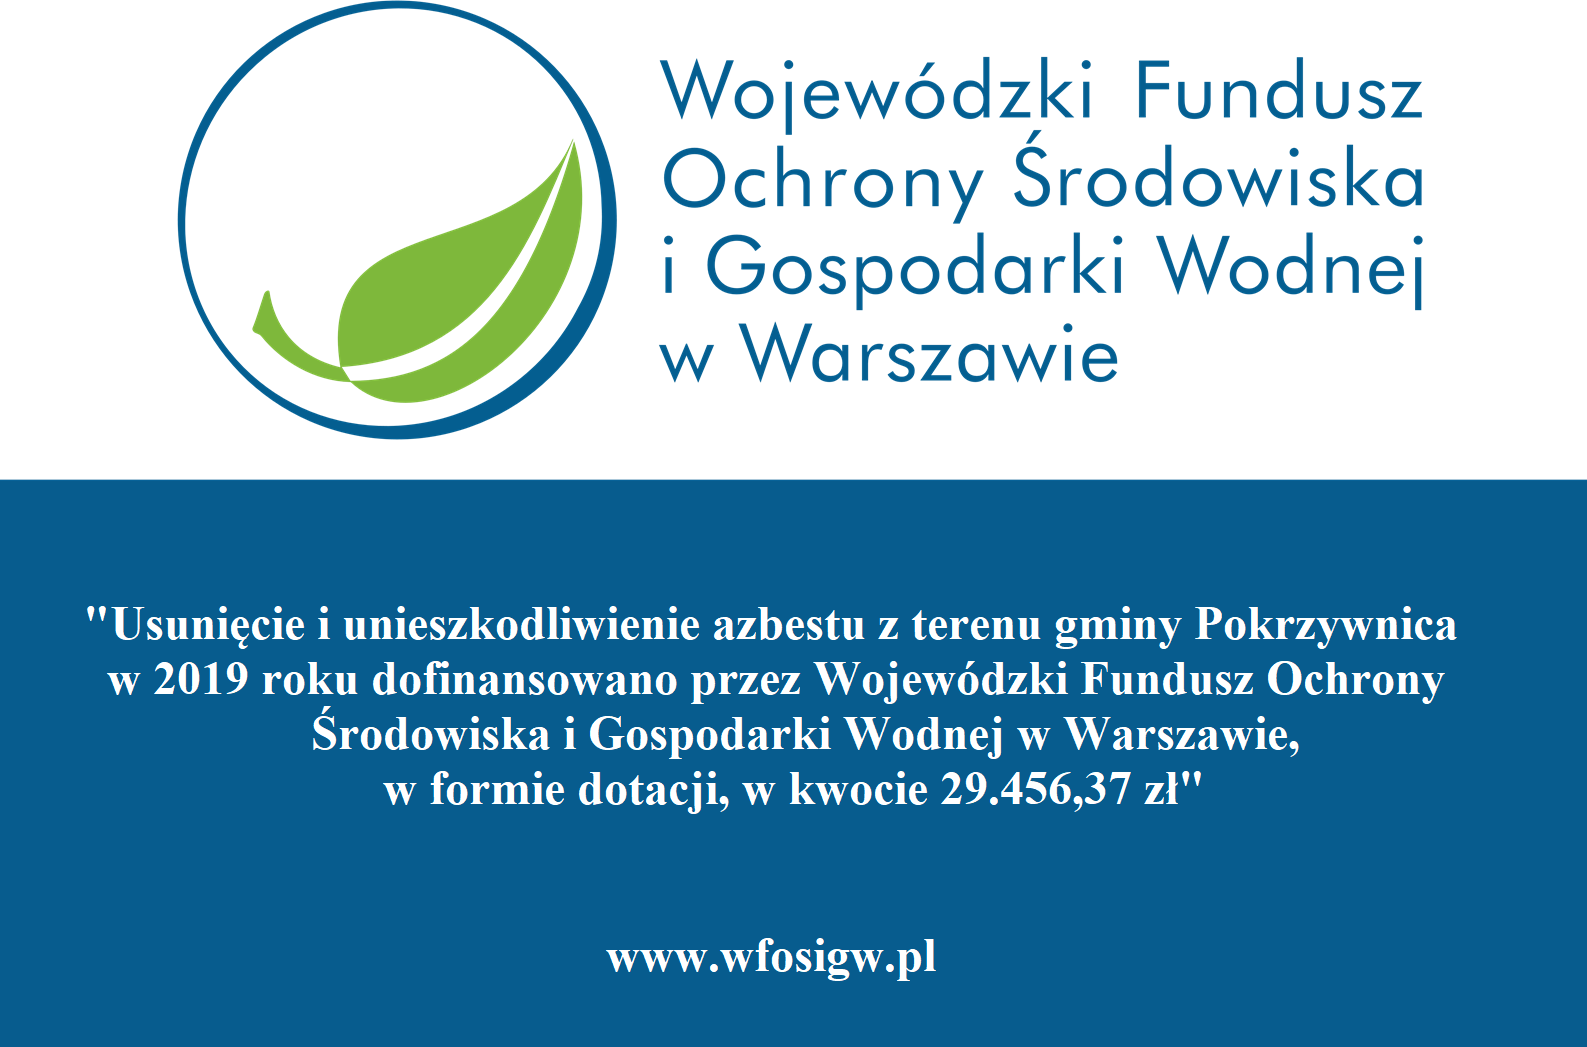 Dotacja z WFOSiGW na usunięcie i unieszkodliwienie azbestu z terenu gminy Pokrzywnica w 2019 roku